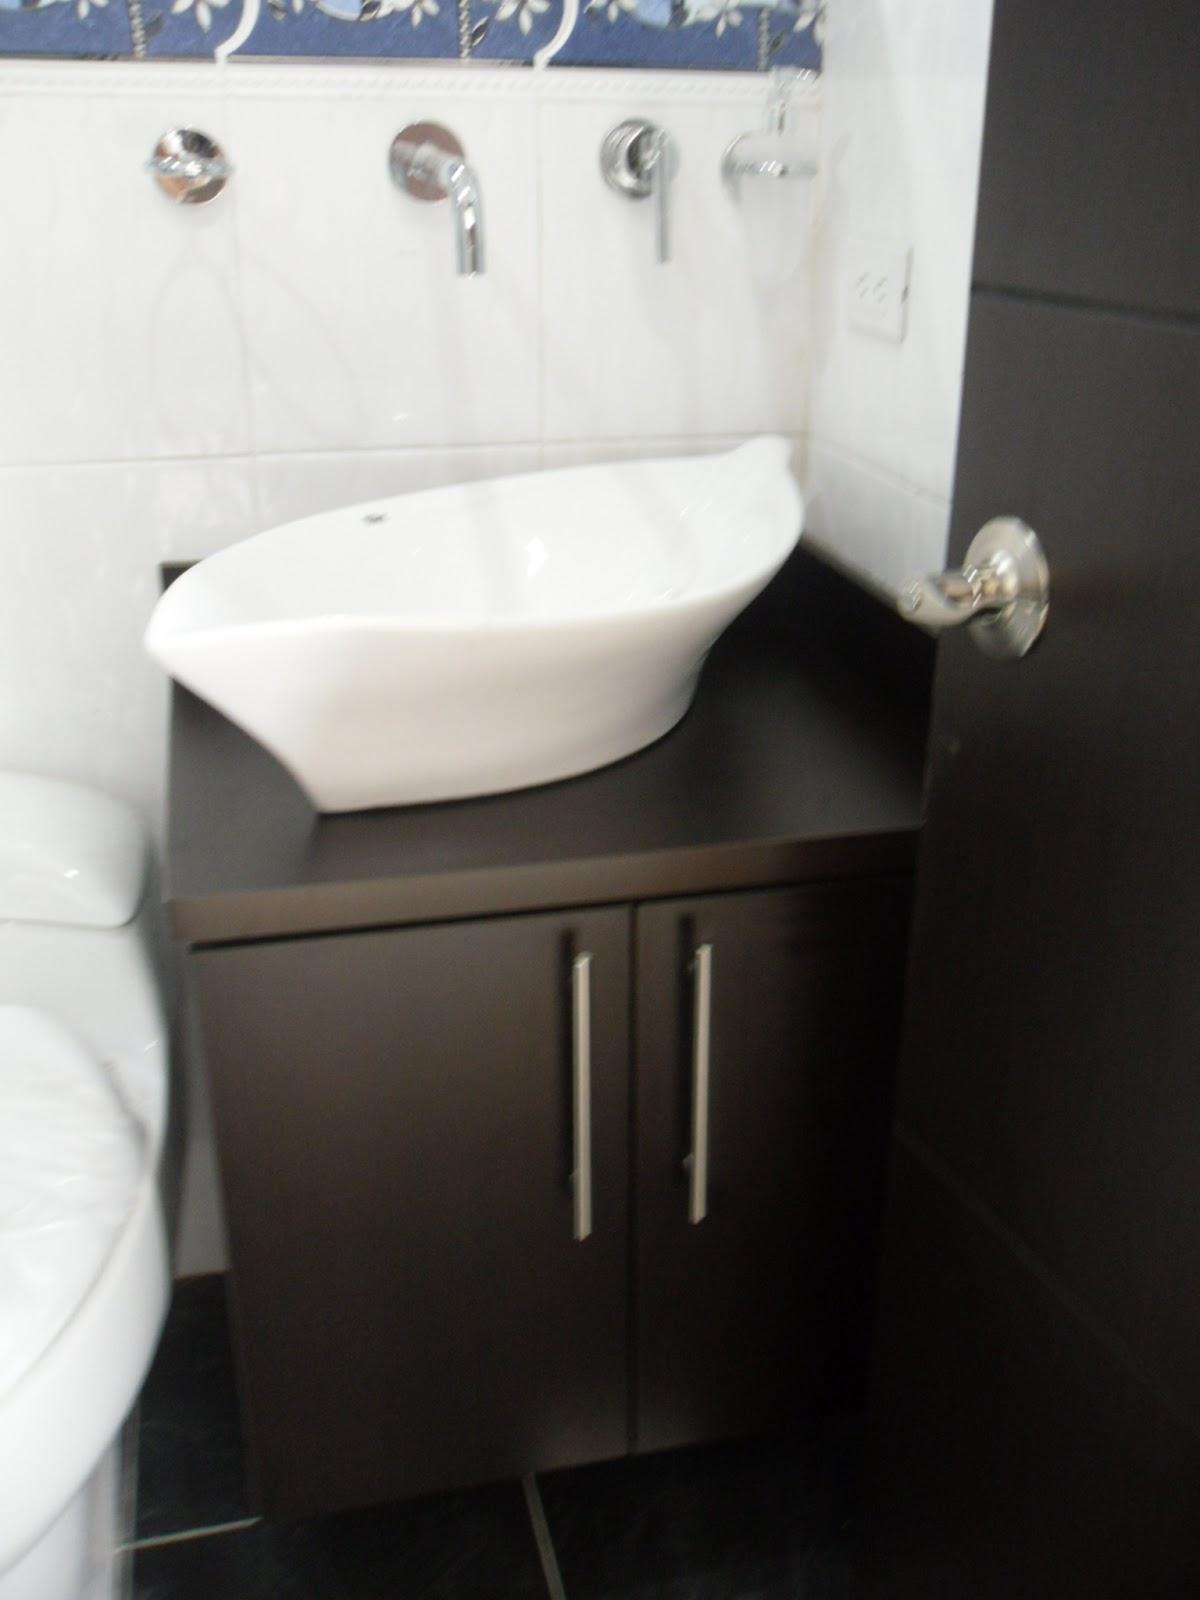 Arte hogar muebles para lavamanos for Muebles de bano modernos pequenos